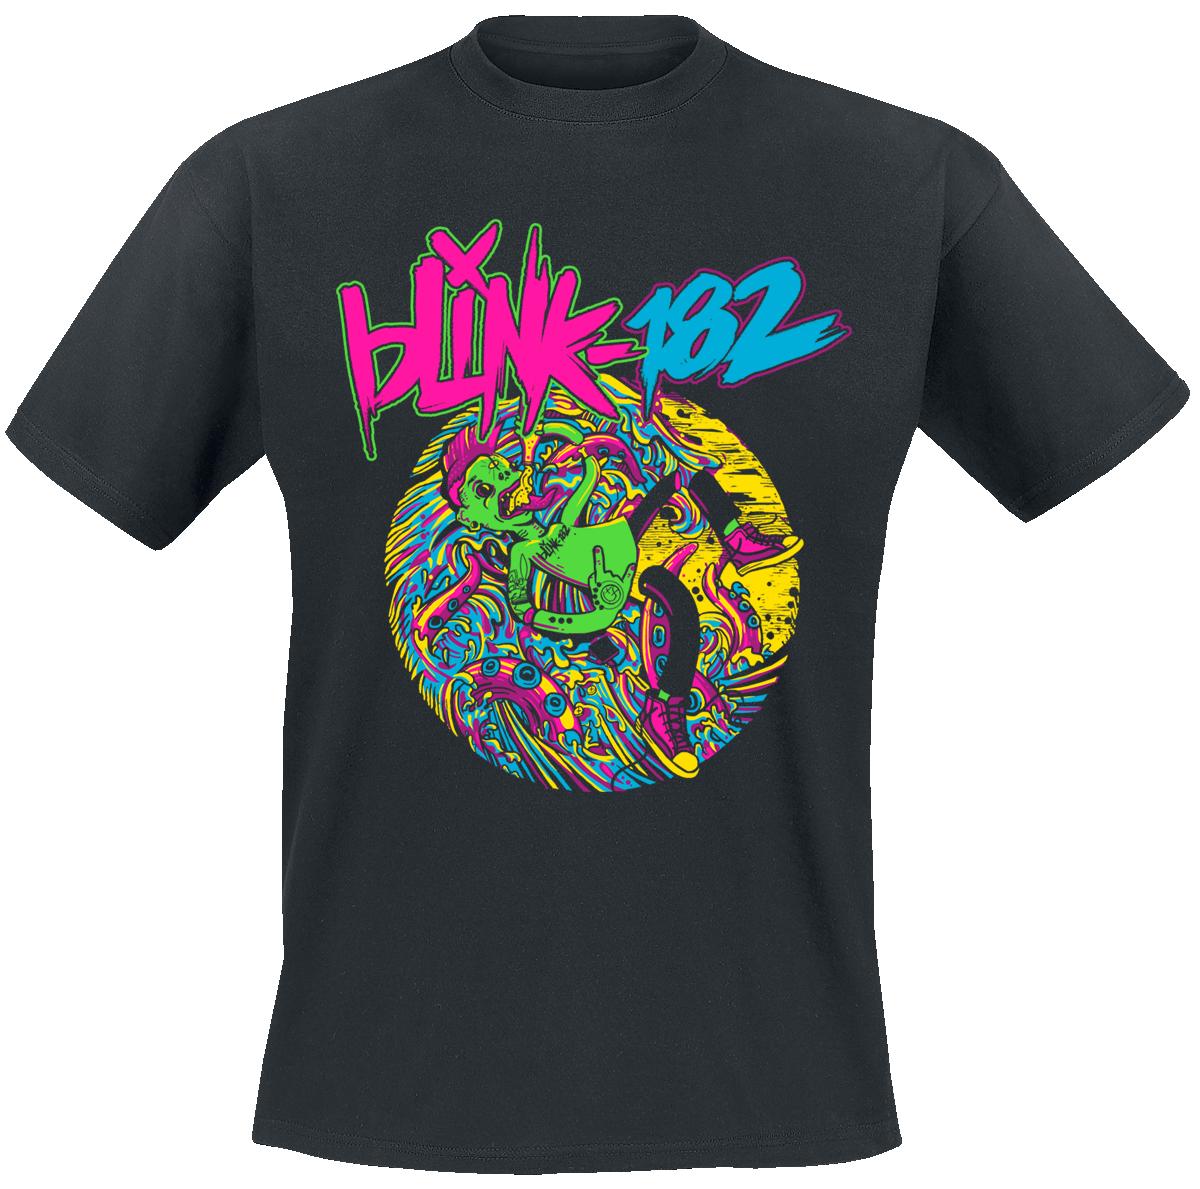 Blink 182 - Alien - T-Shirt - black image